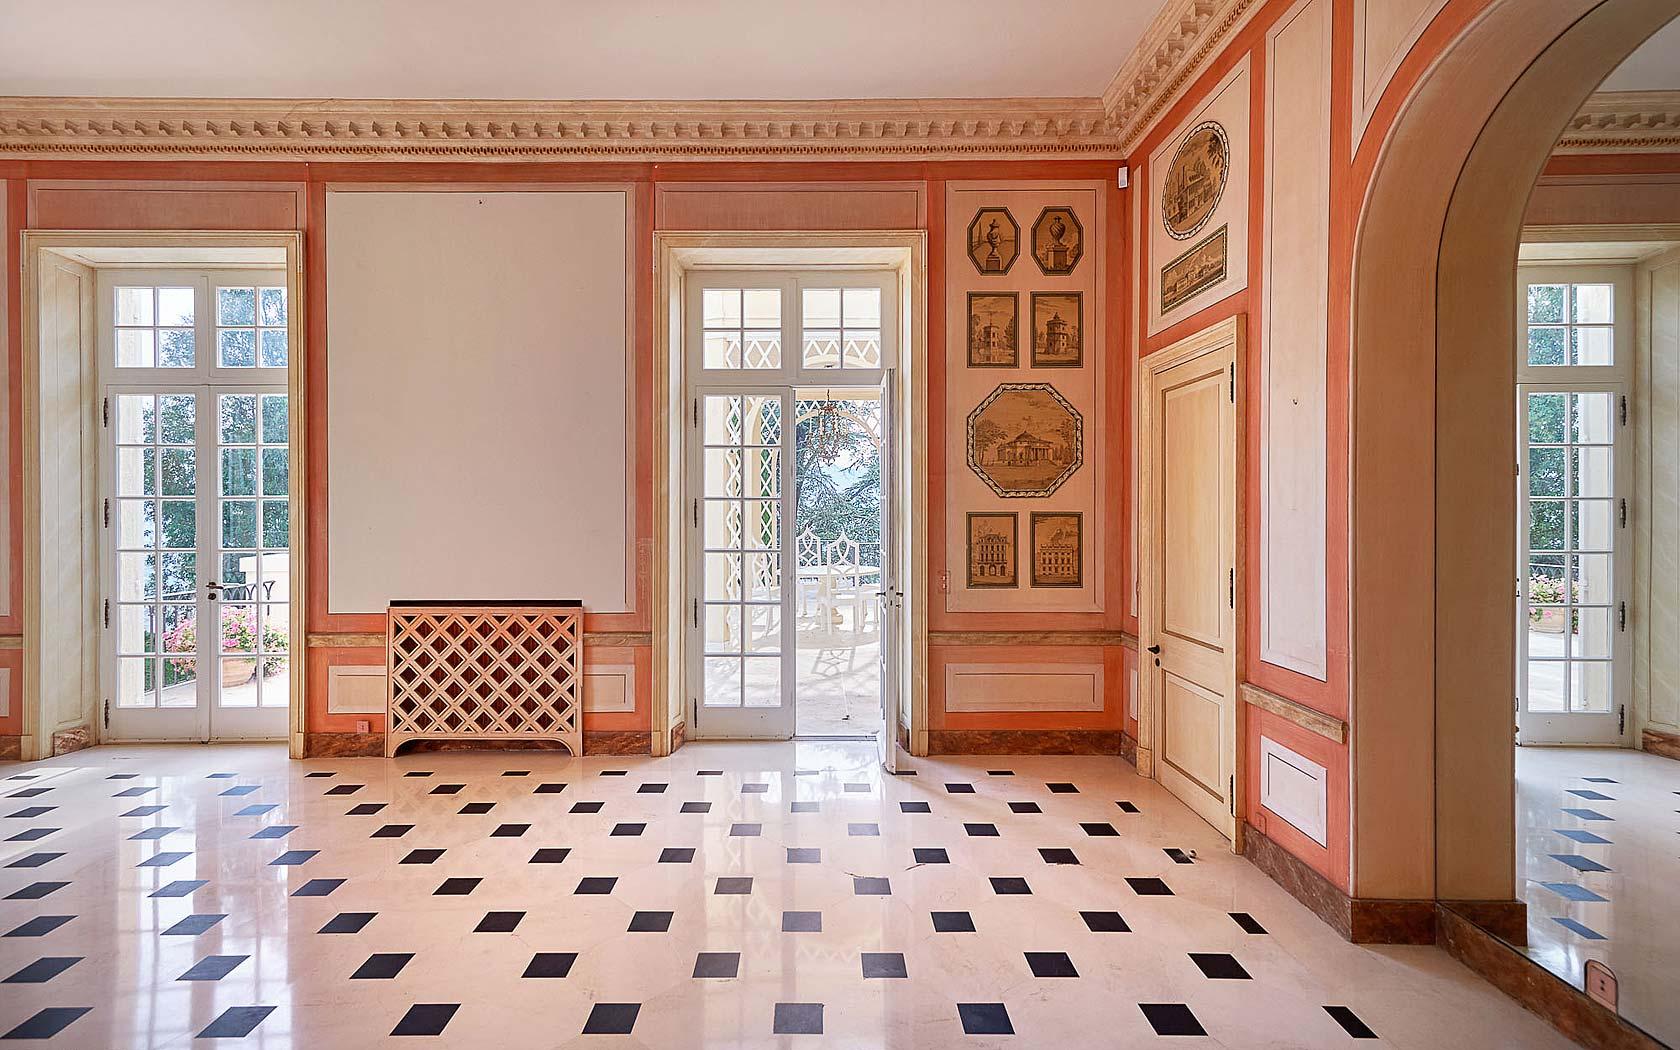 cannes-castle-garden-room-checkered-floor-cococozy